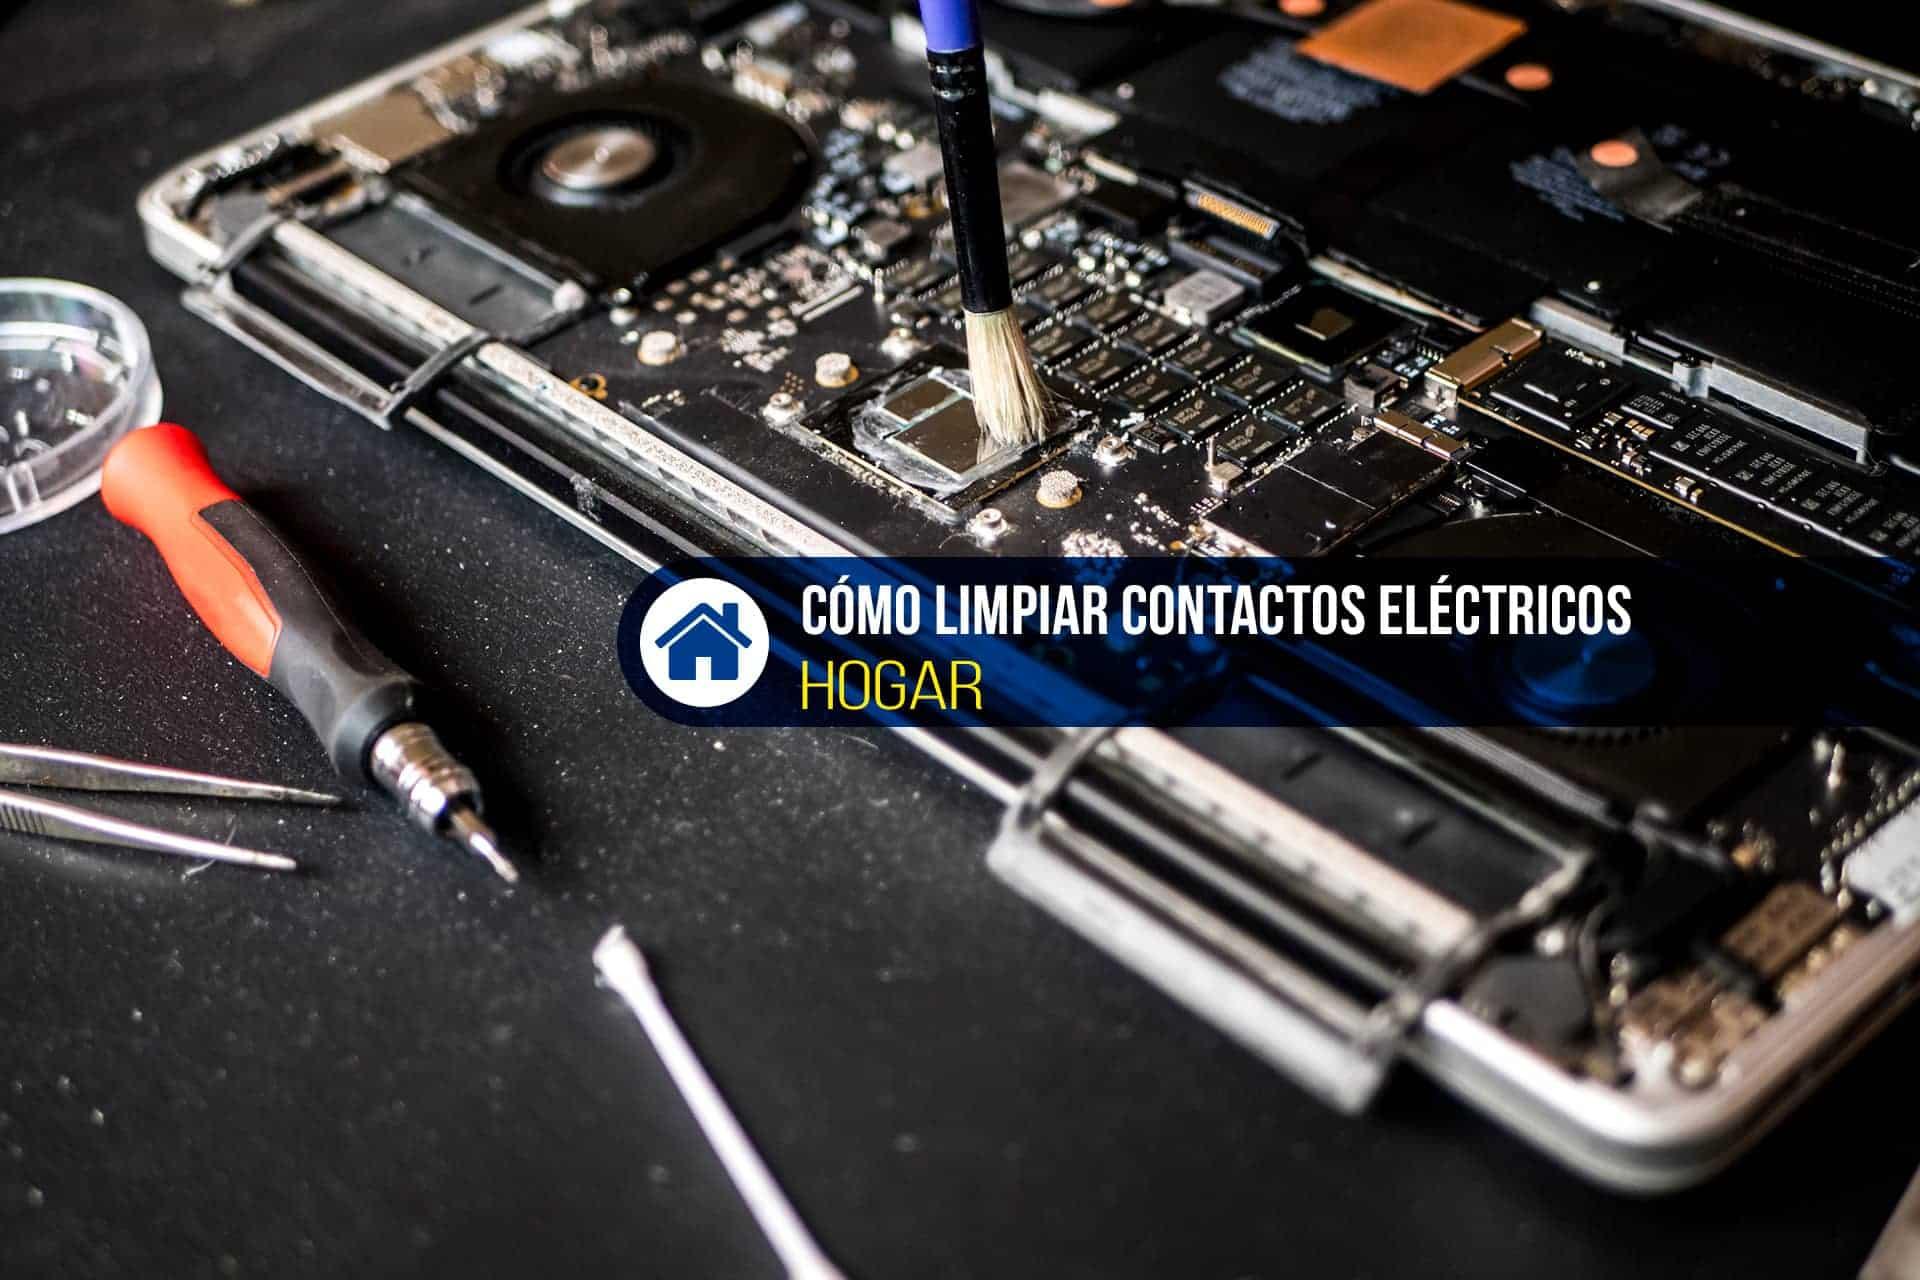 limpiar contactos eléctricos